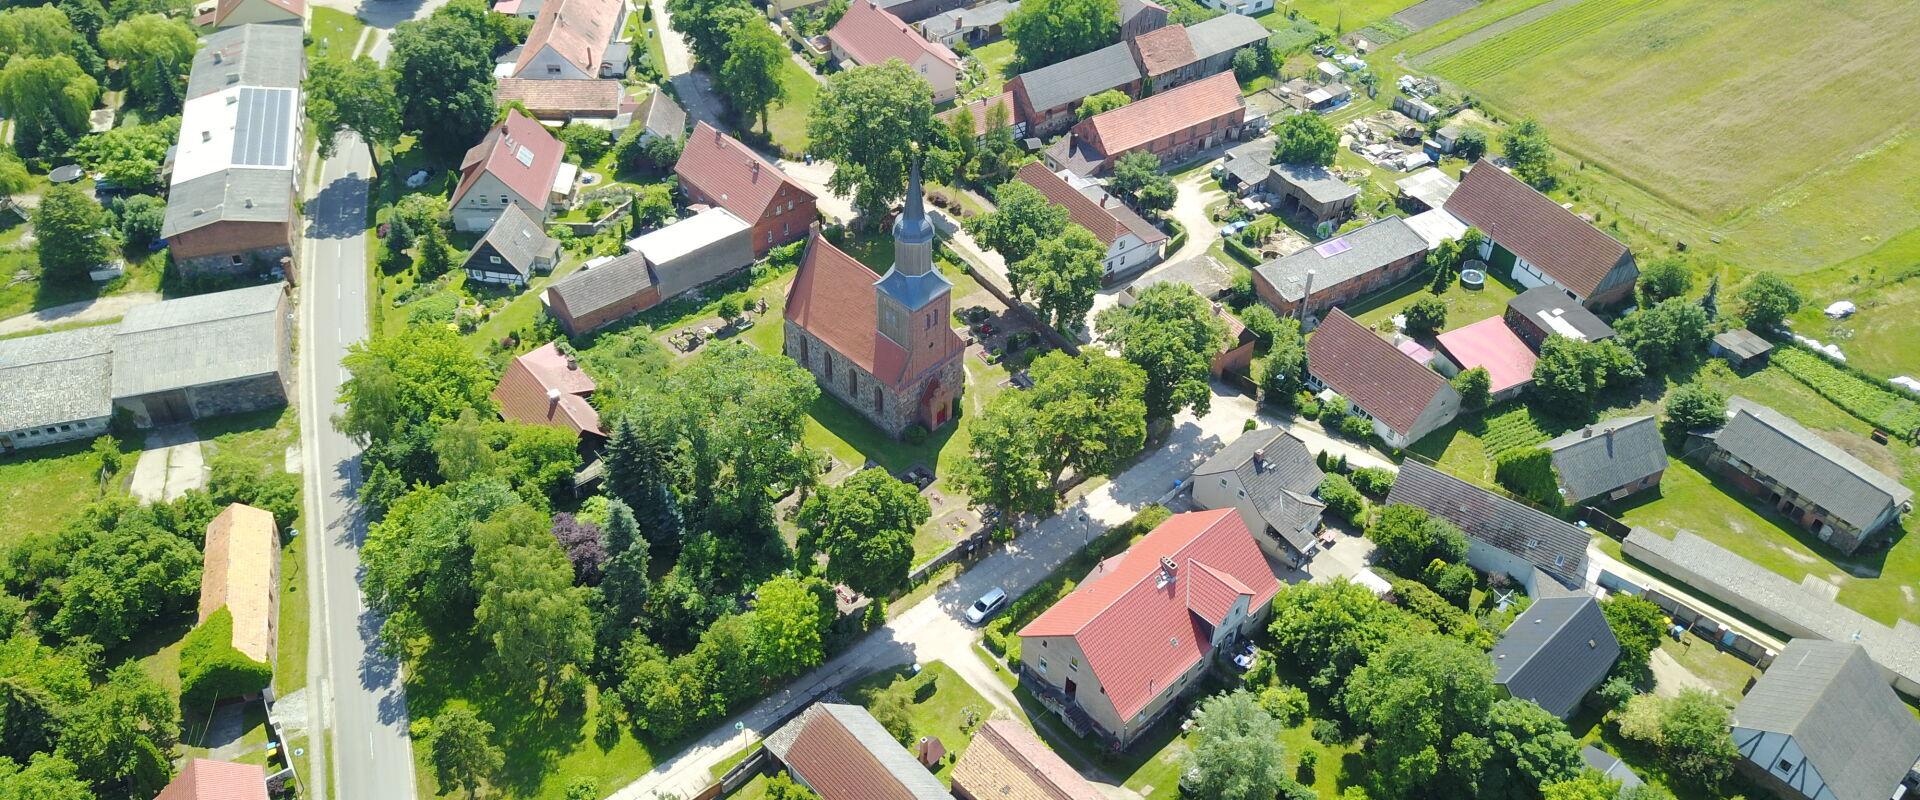 Fotoautor: UMTV Fotorechte: Stadt Schwedt/Oder